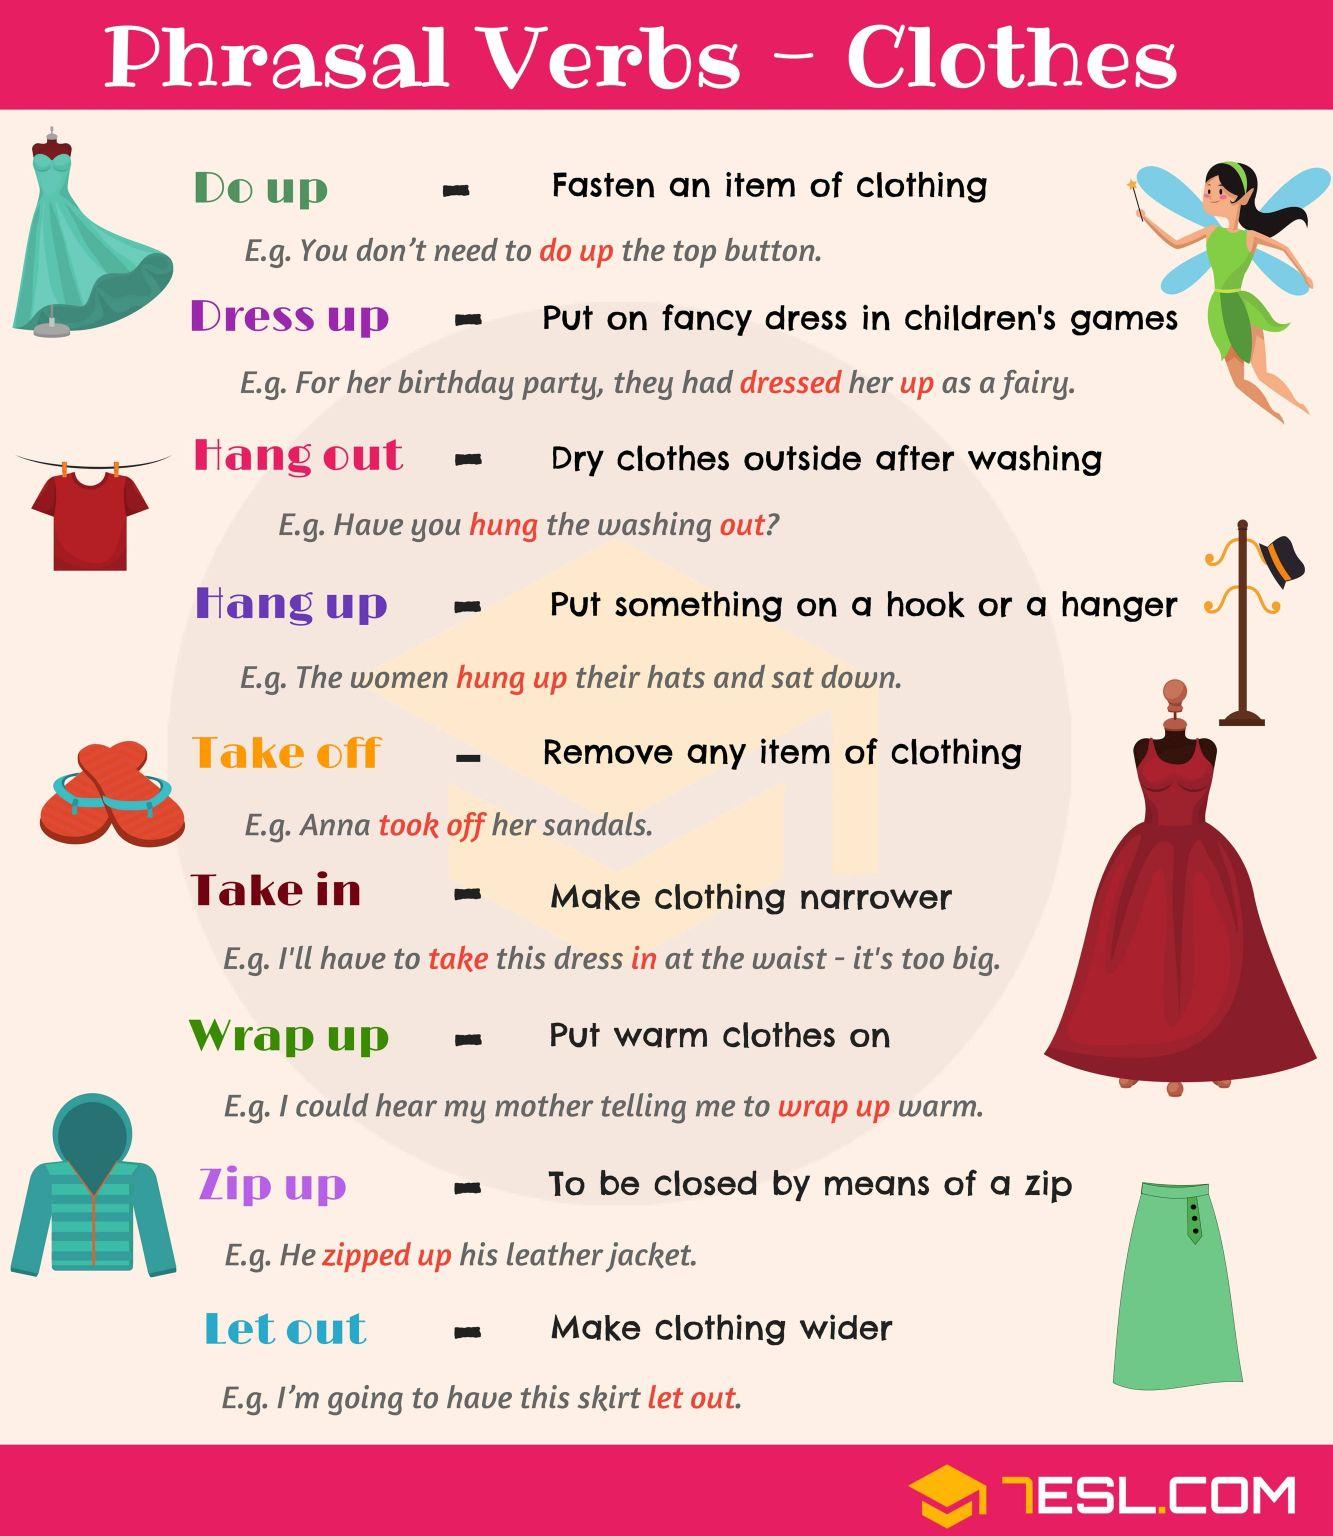 Phrasal Verbs Clothes